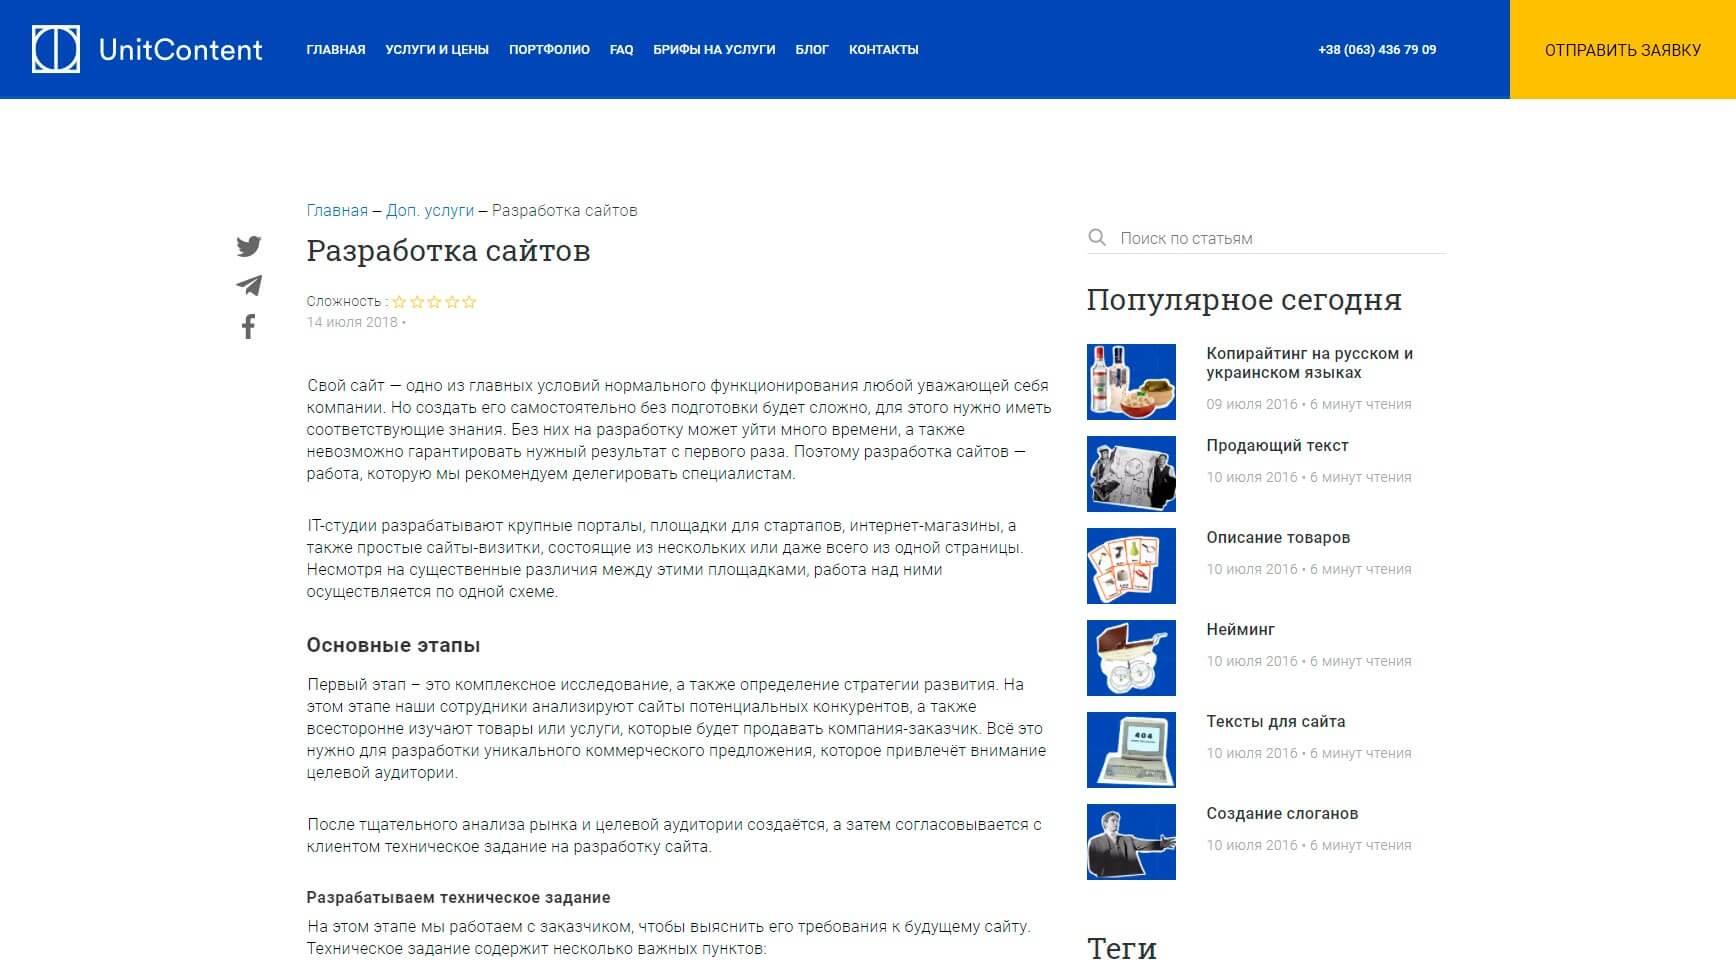 ЮнитКонтент - обзор компании, услуги, отзывы, клиенты, Фото № 2 - google-seo.pro